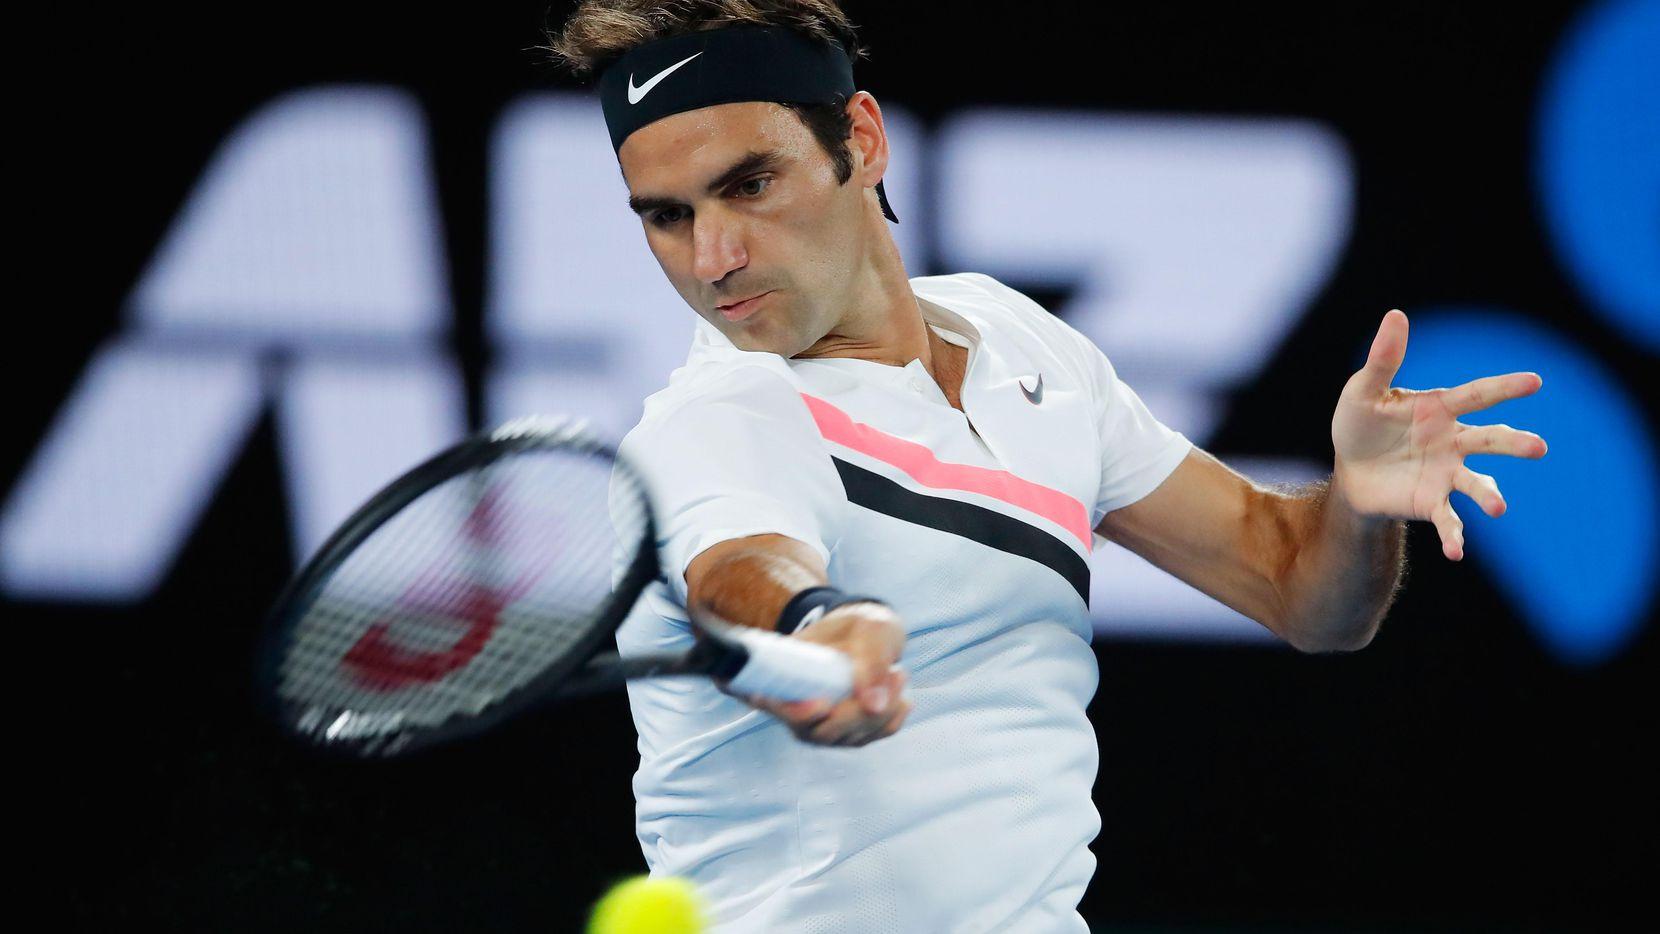 Roger Federer avanzó a la final del Abierto australiano tras el retiro de Hyeon Chung por lesión en el segundo set del partido del viernes en Melbourne Park, Australia. (Getty Images/Scott Barbour)